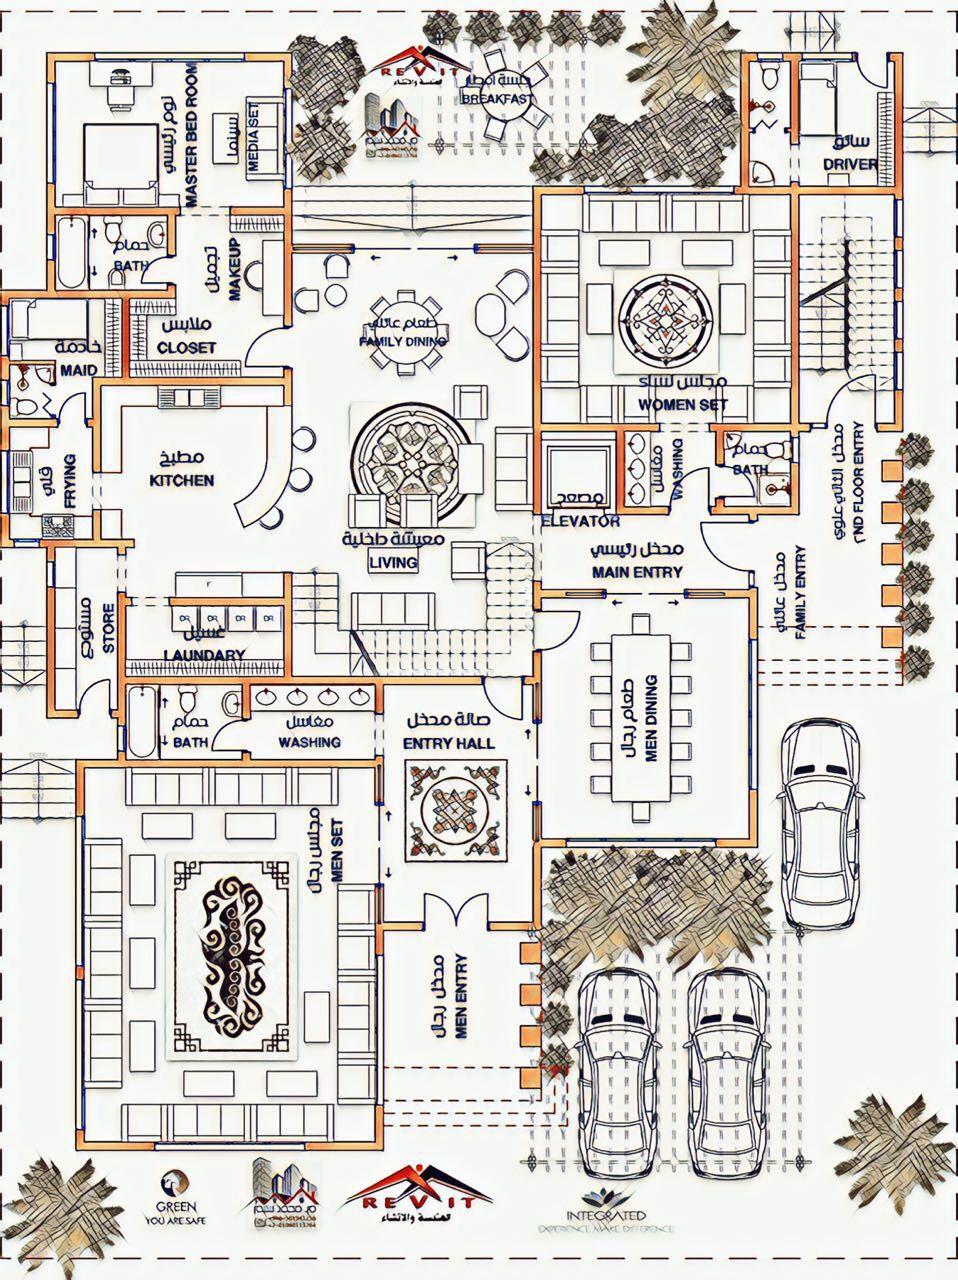 تصميم مميز لفيلا تصميم فيلا Arabian Villa Design للتواصل لجميع عمل التصميمات Egyrevit تويتر House Floor Design House Floor Plans Classic House Design